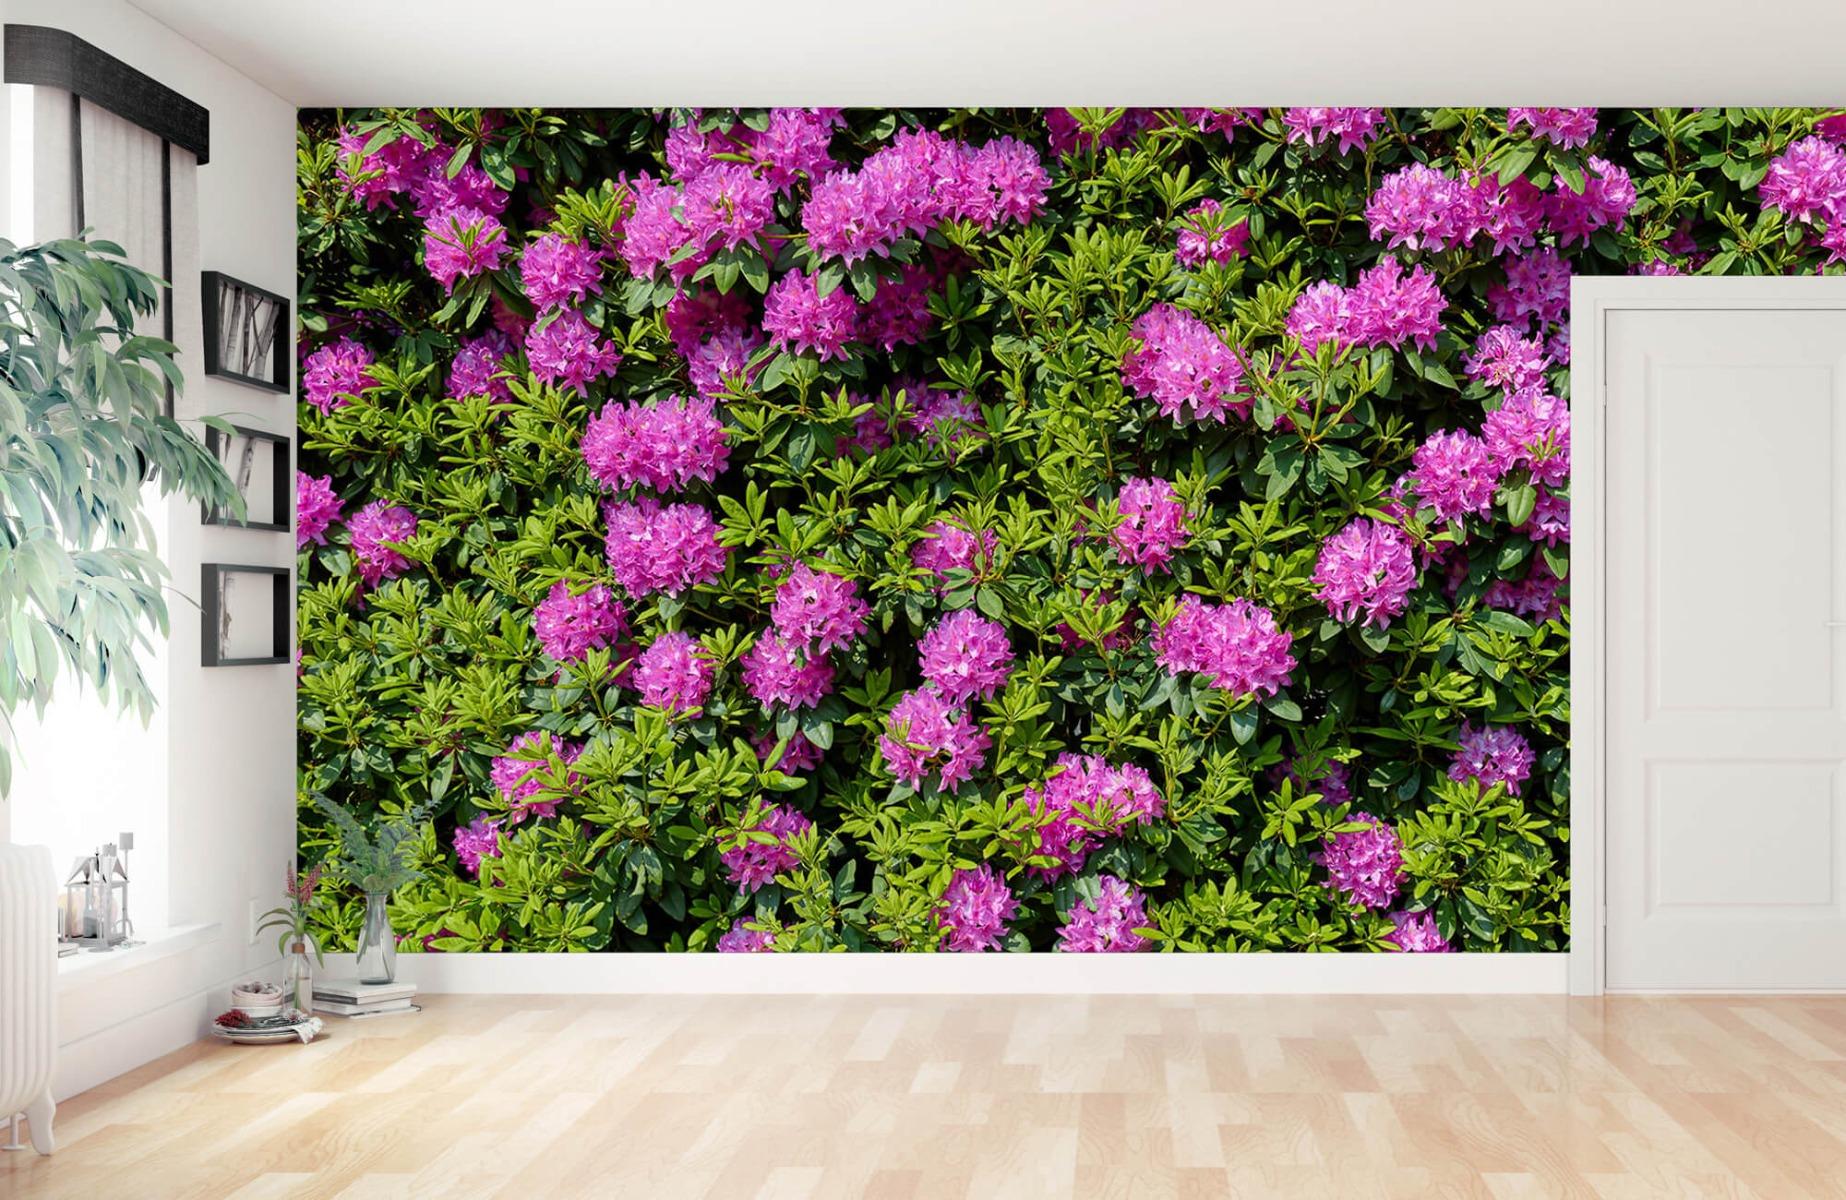 Bloemenvelden - Grote muur van rododendrons - Wallexclusive - Woonkamer 12